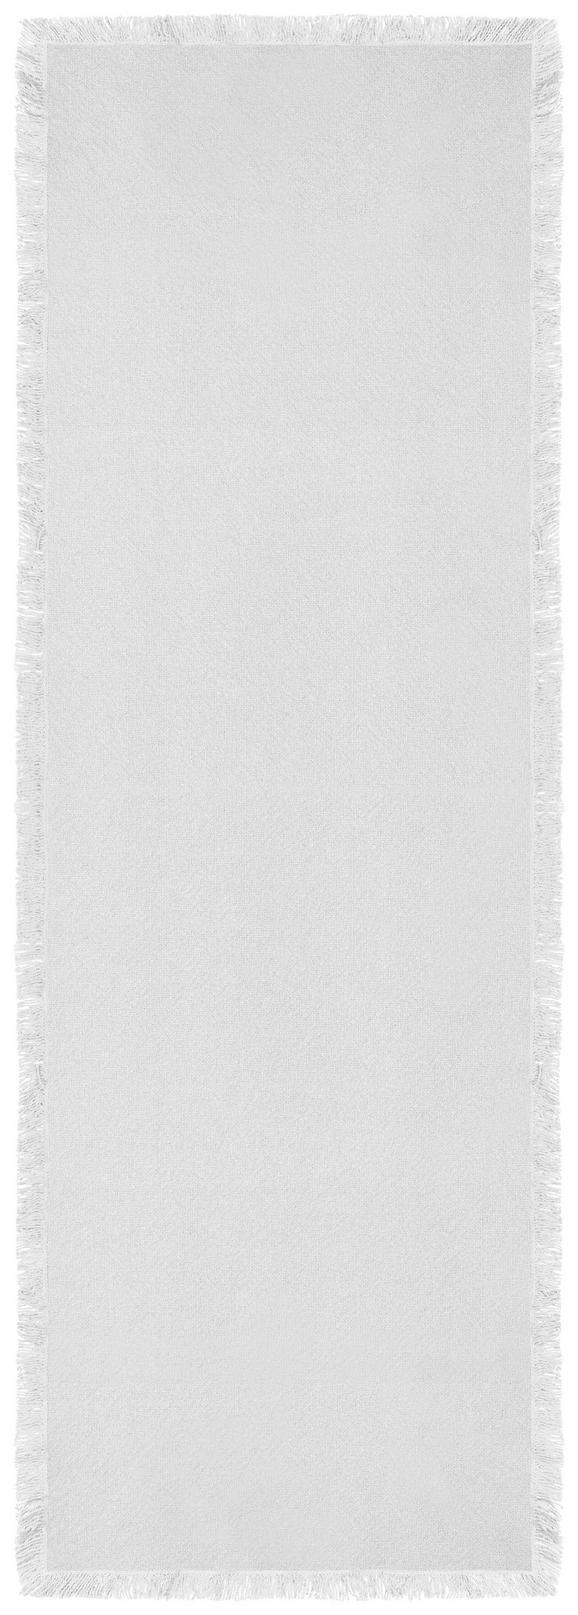 Tischläufer Francis Weiß 45x150cm - Weiß, MODERN, Textil (45/150cm) - Mömax modern living